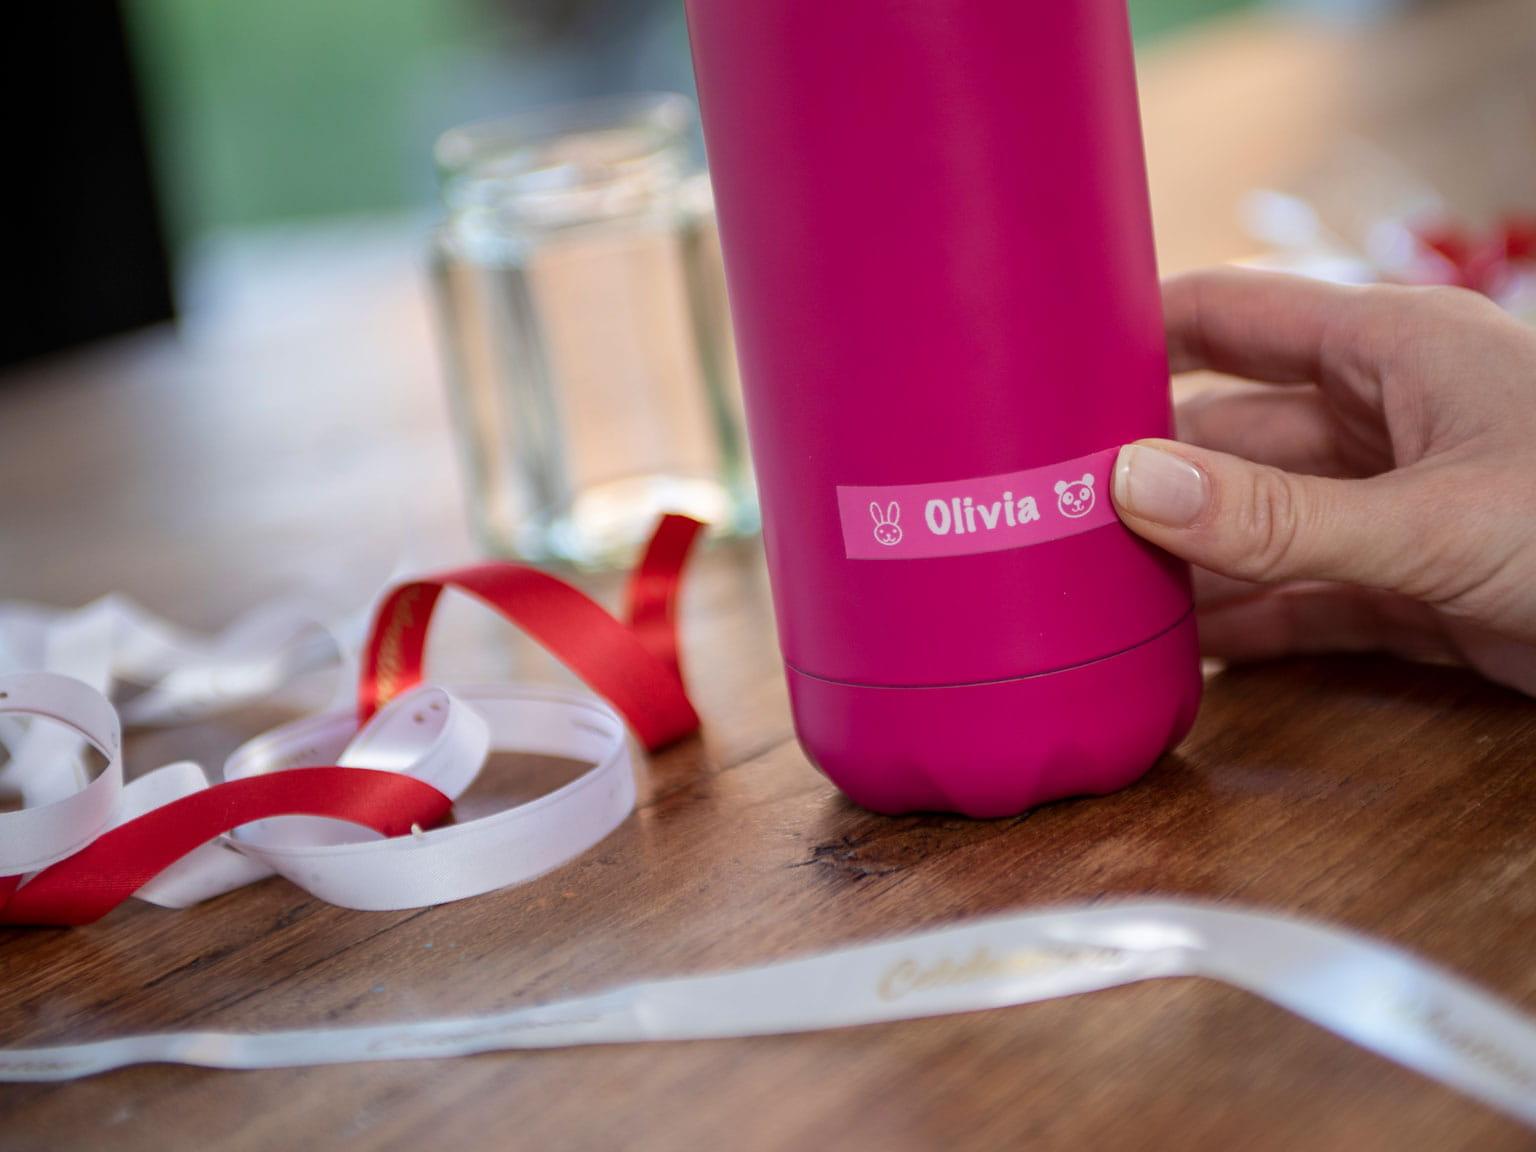 Brother růžový štítek na růžové láhvi s bílými a červenými stužkami